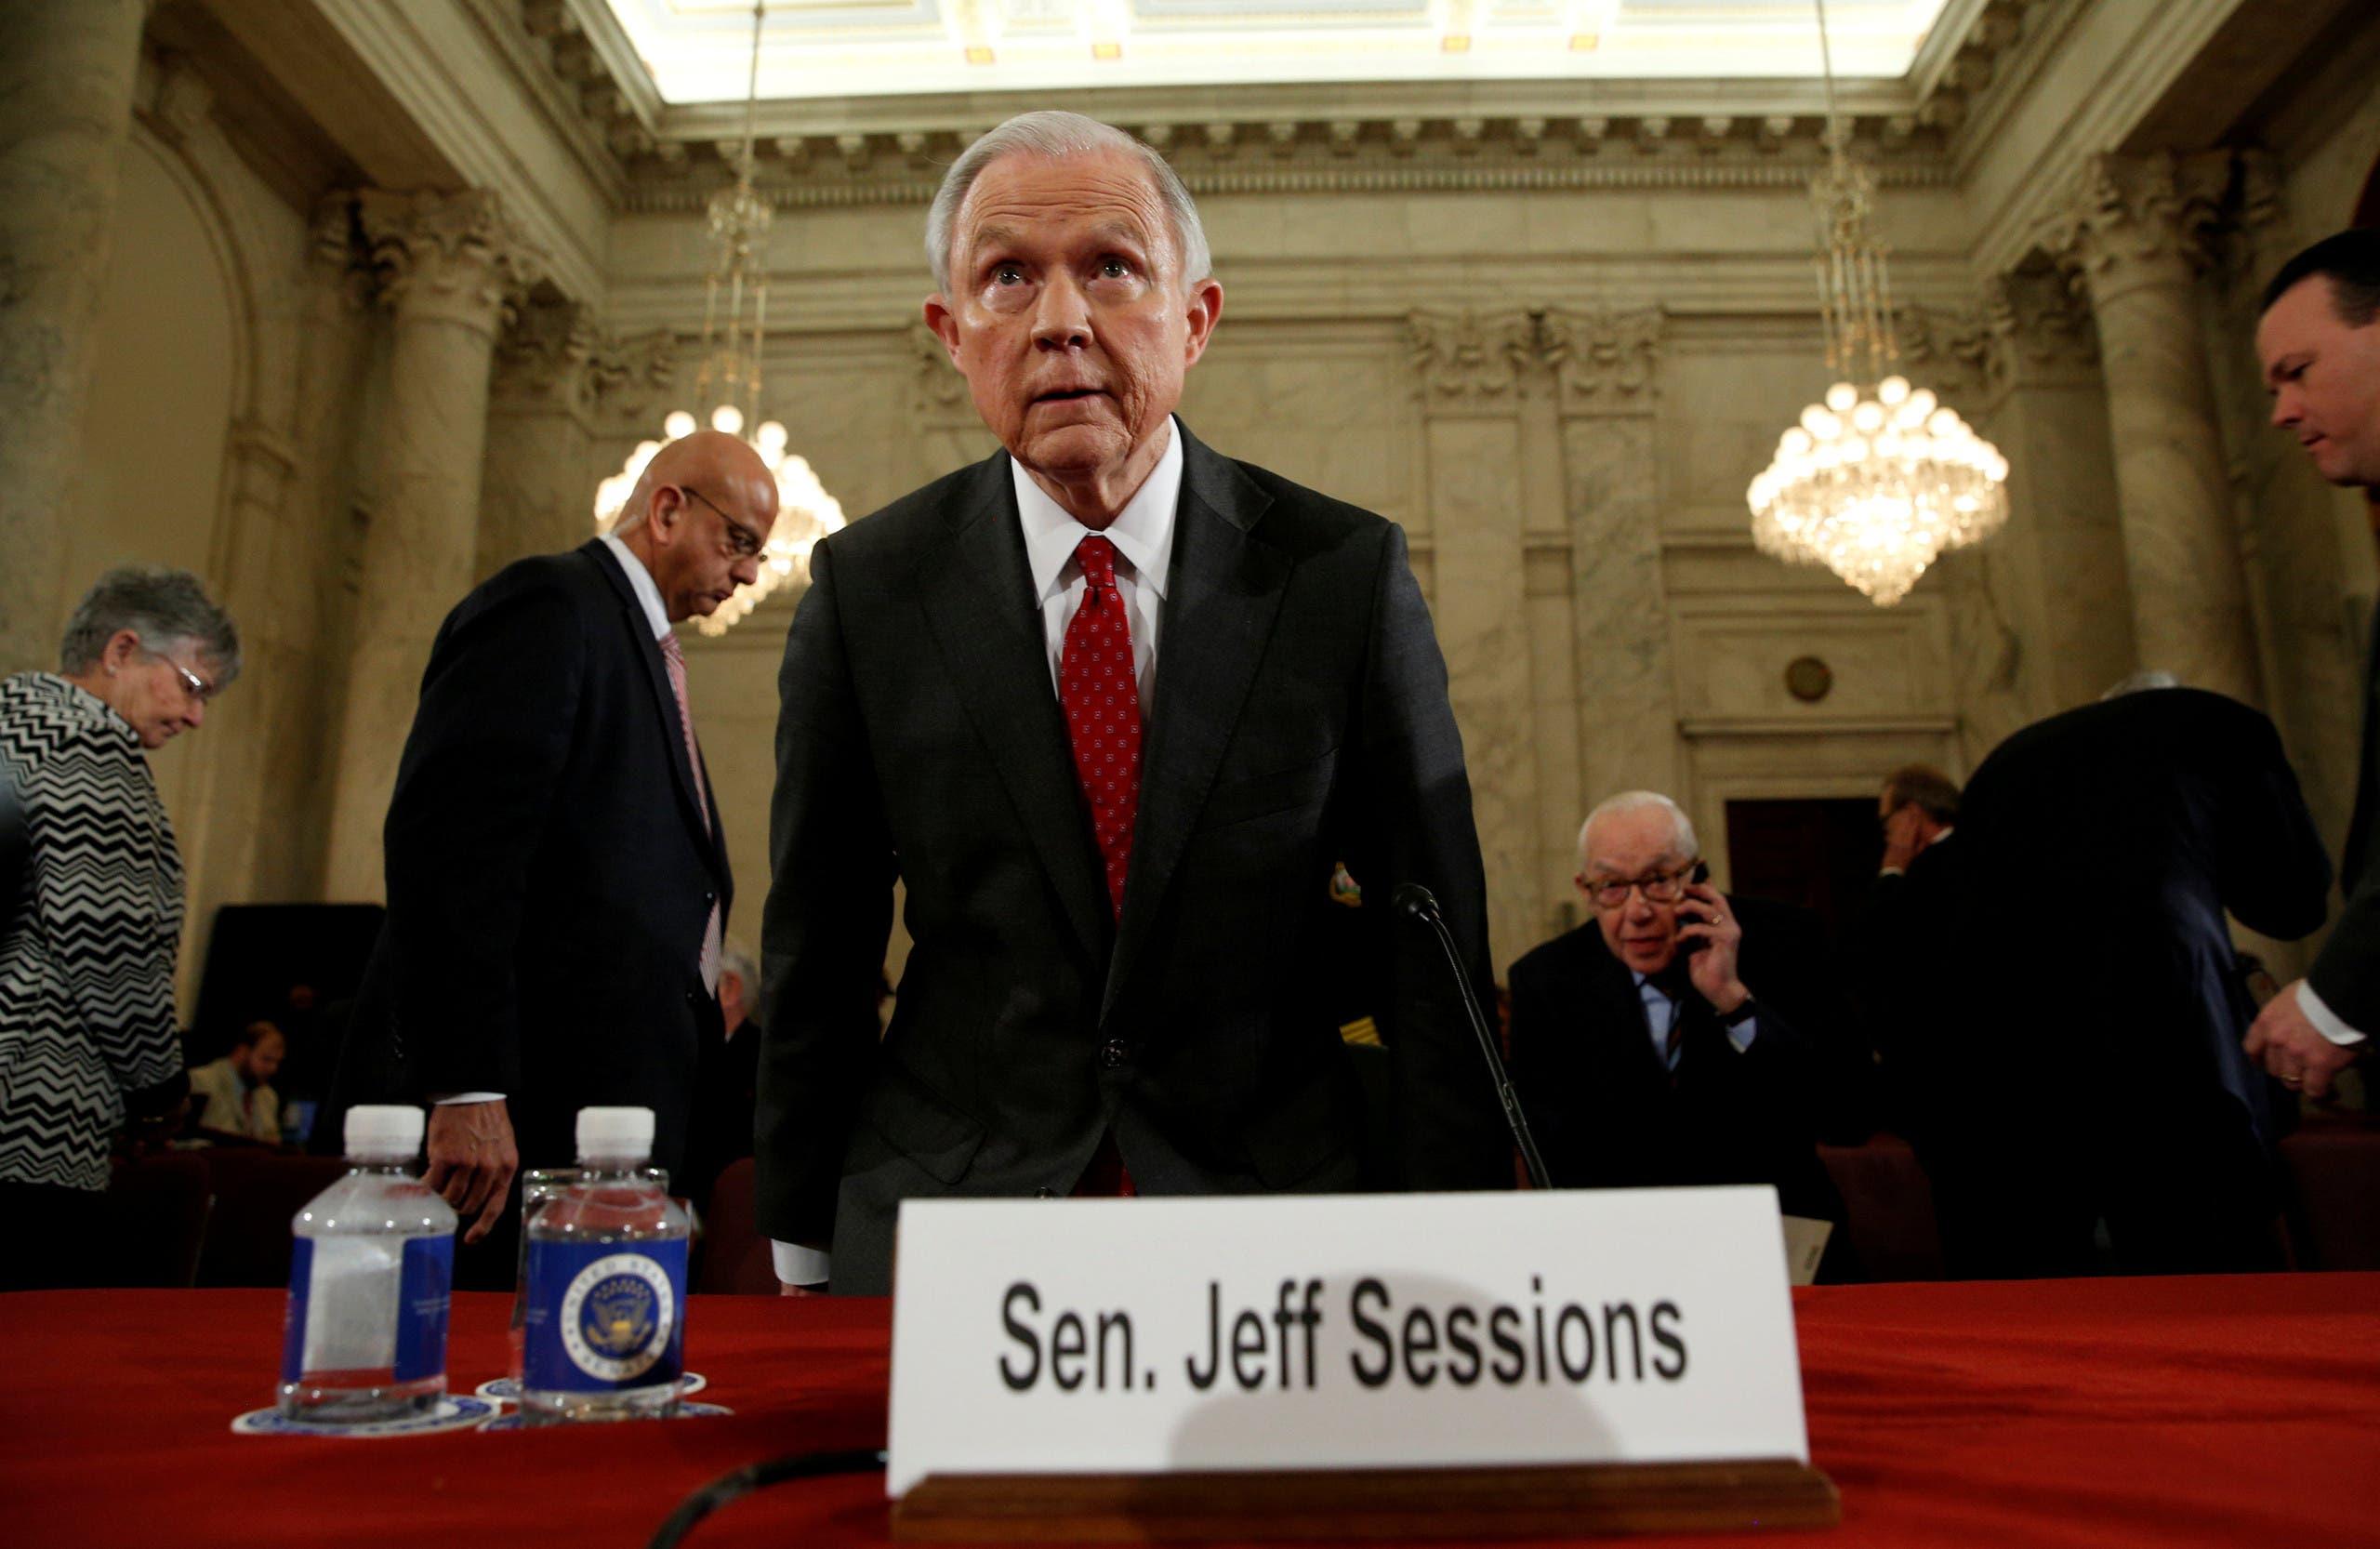 من جلسة الاستماع إلى سيشنز في الكونغرس في يناير الماضي قبل تعيينه وزيراً للعدل